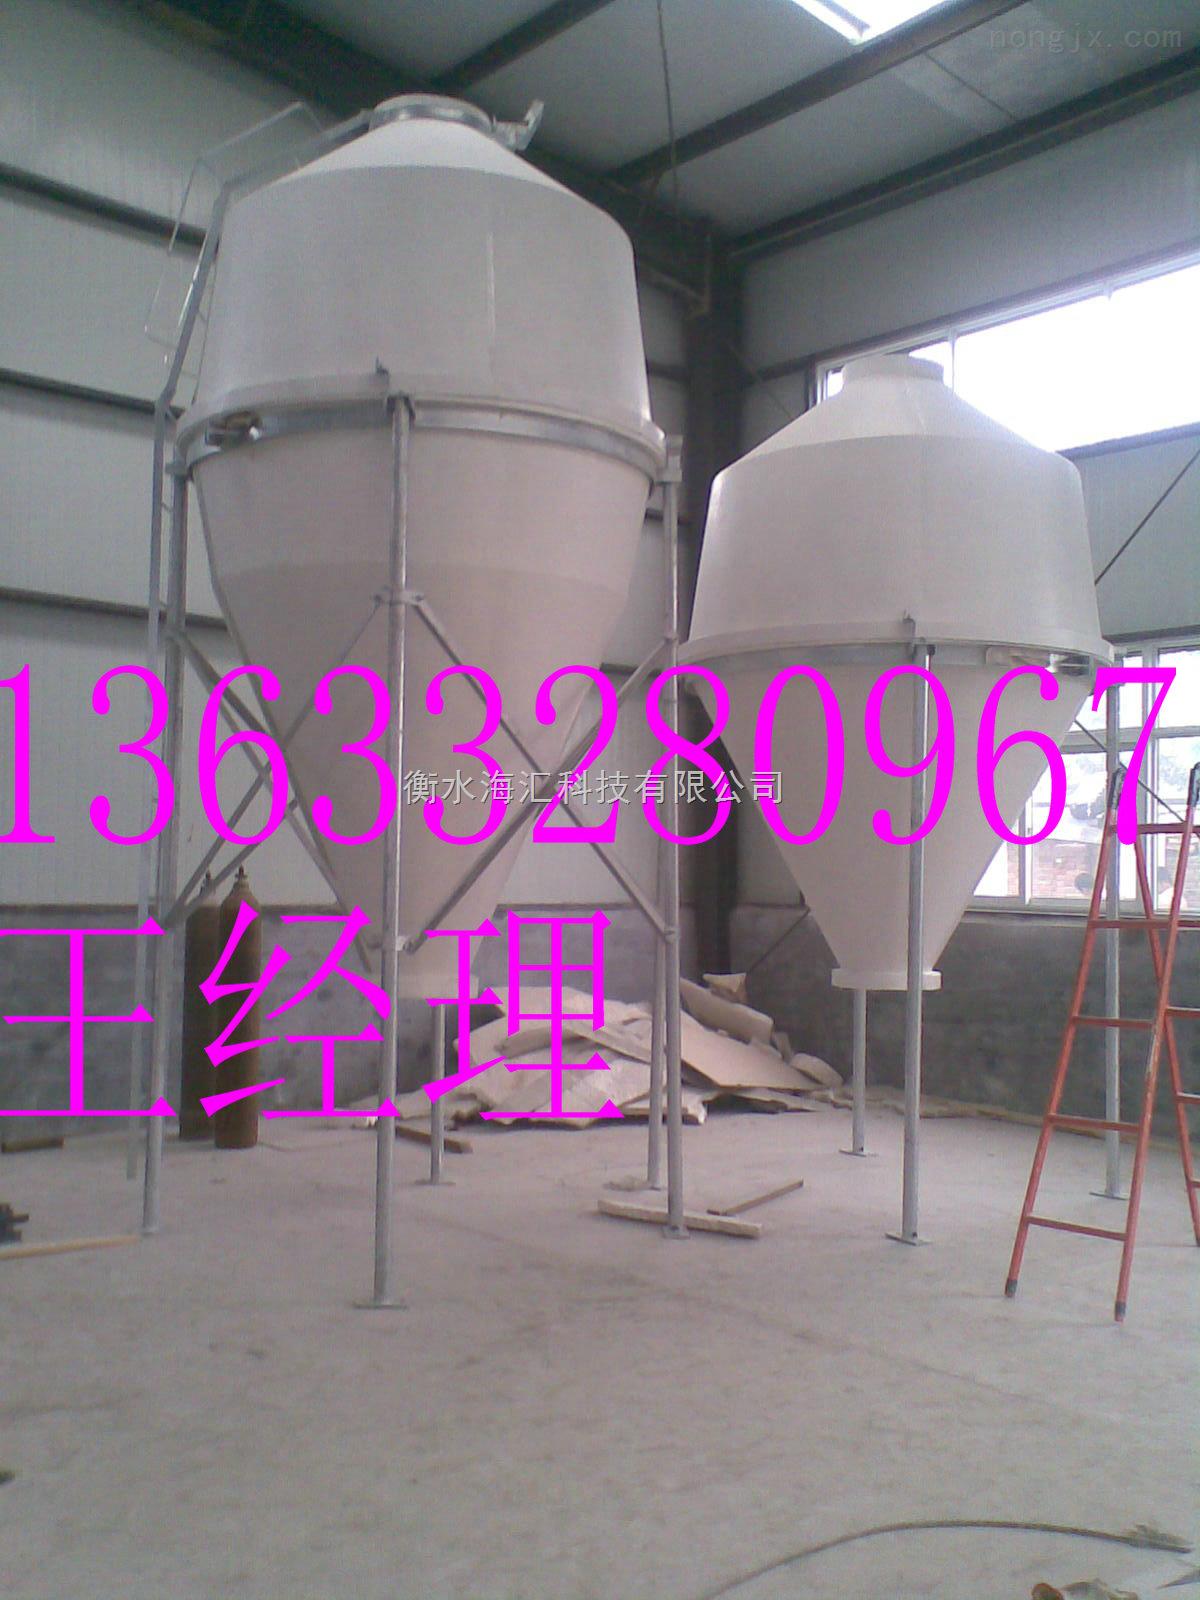 7-5.5吨玻璃钢料塔 5.5吨玻璃钢饲料塔 玻璃钢储料塔